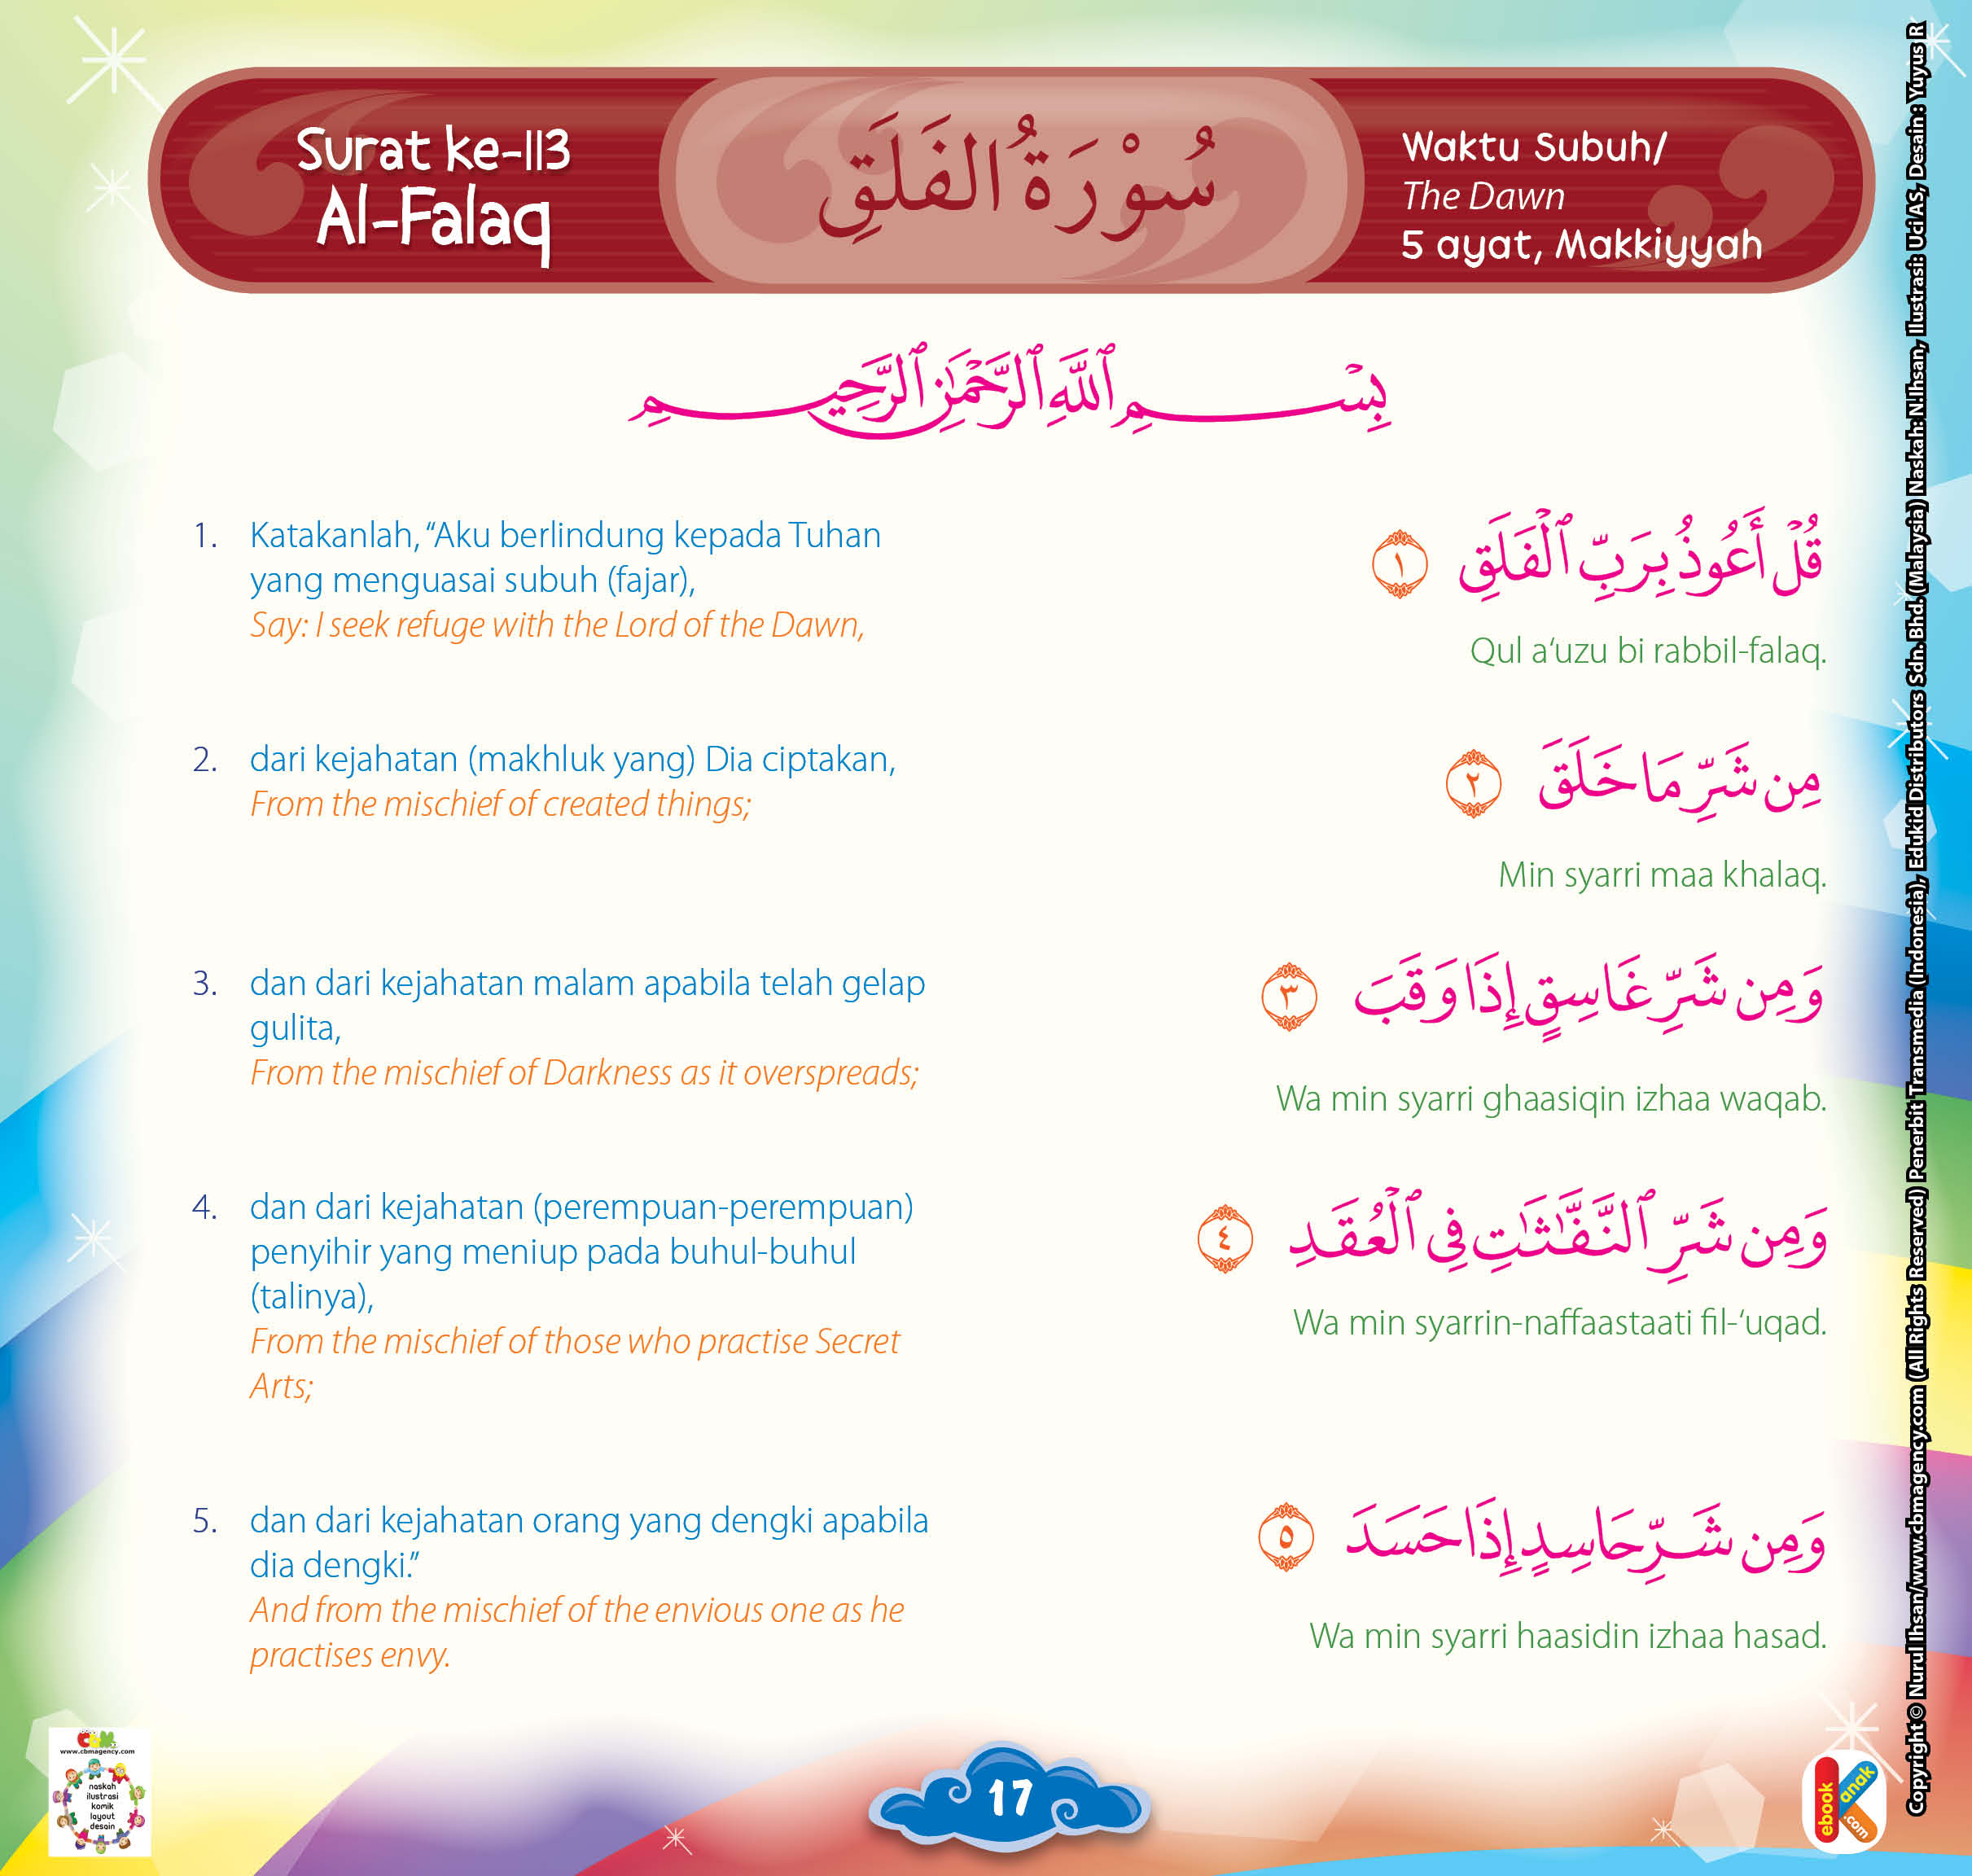 Al Quran Surat Ke 113 Al Falaq Ebook Anak